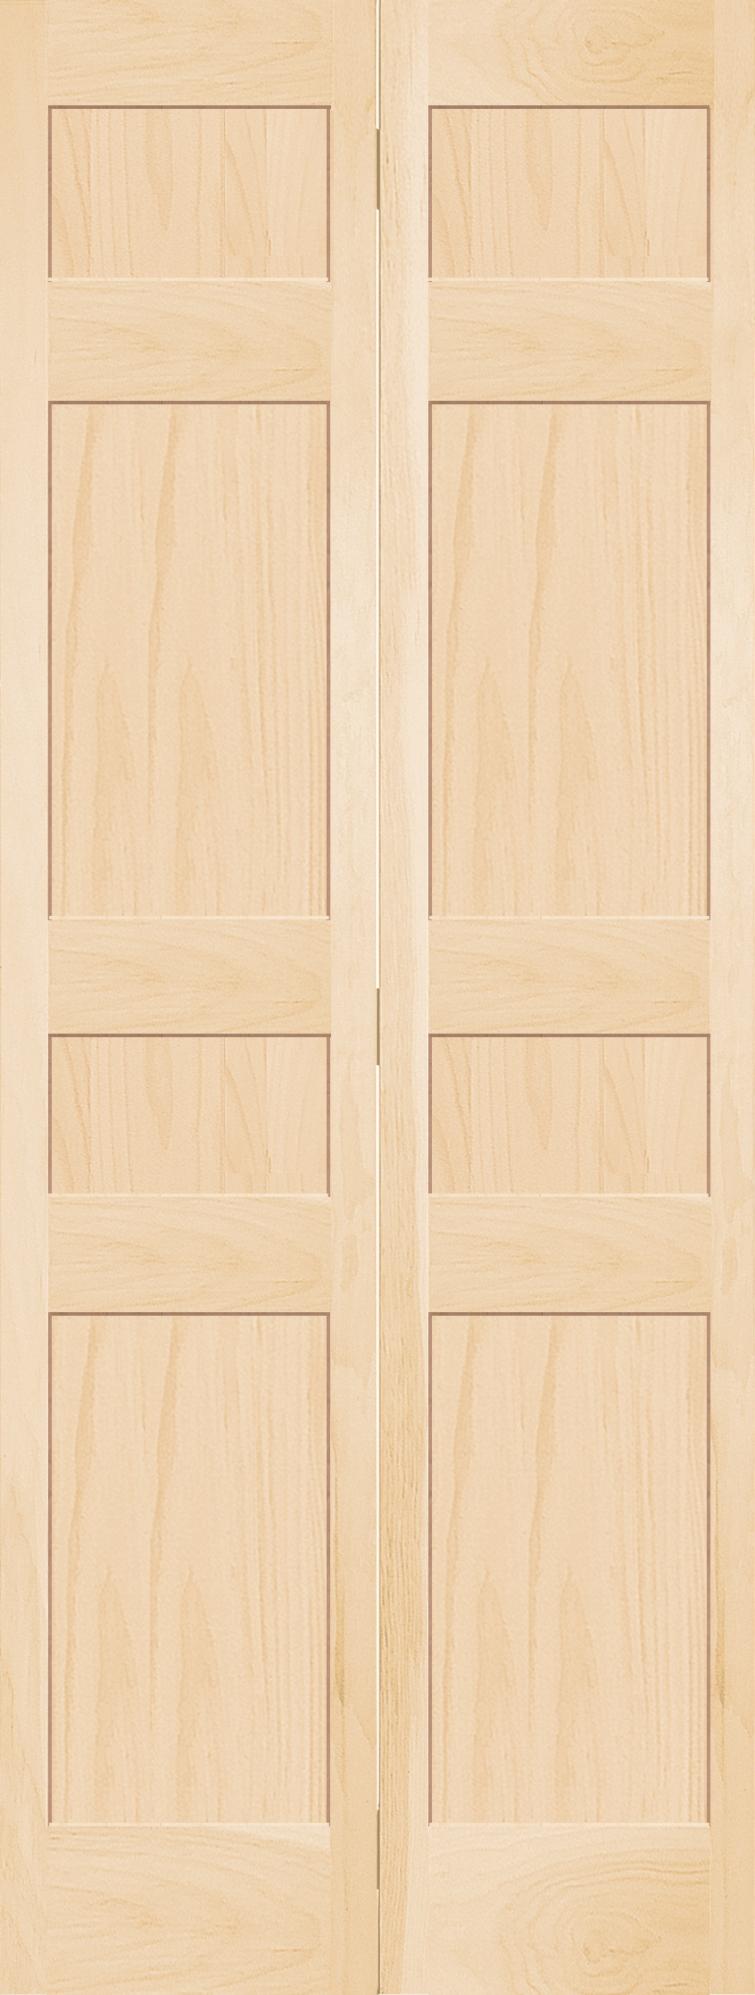 Shaker interior doors jeld wen and doorsmith proud supplier for Scenix porch windows